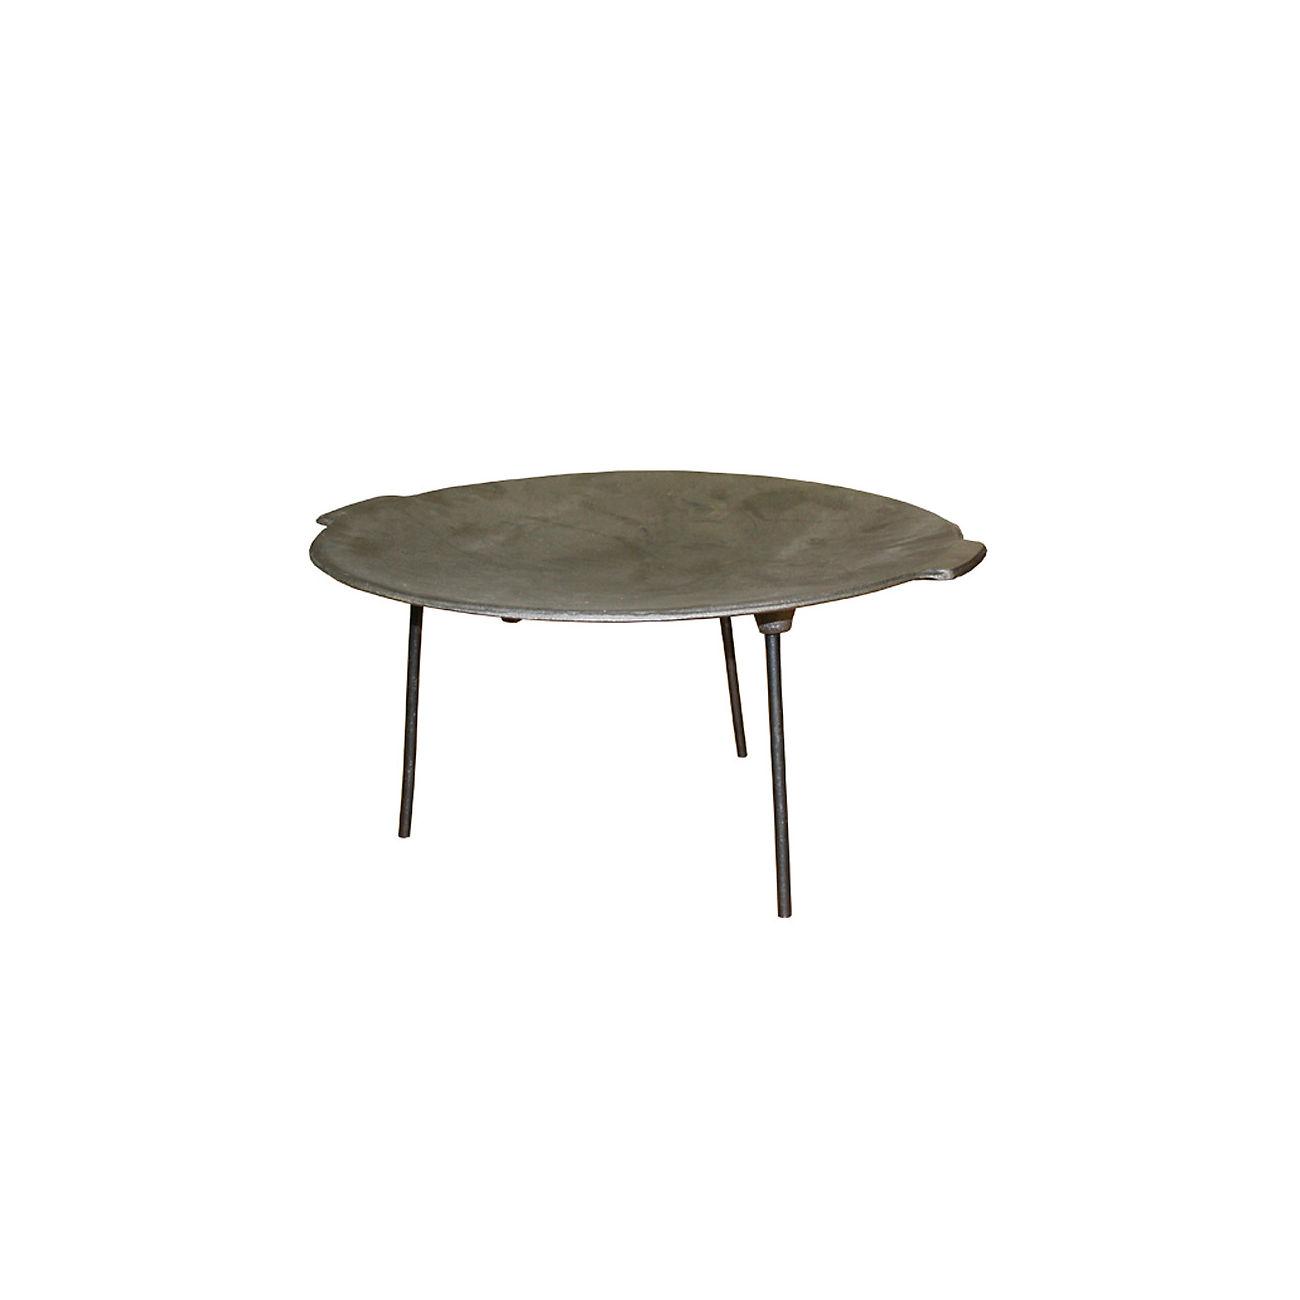 mmb ungarische paella pfanne aus gusseisen 48 cm kotte zeller. Black Bedroom Furniture Sets. Home Design Ideas